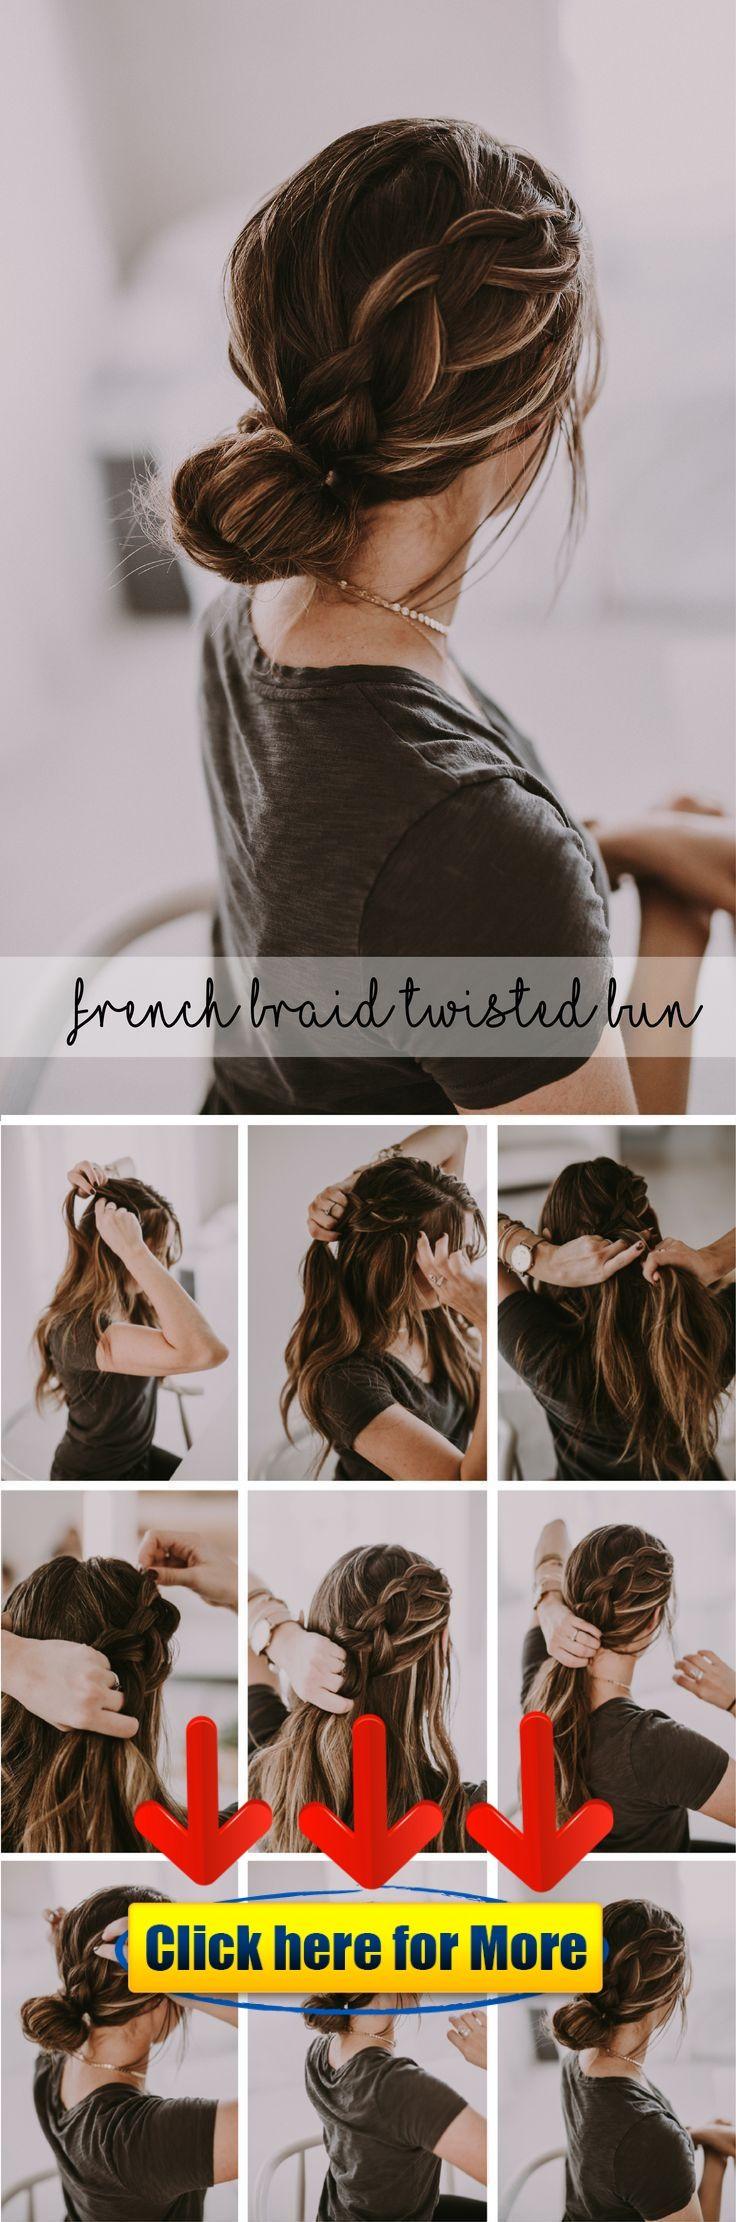 French Braid Bun Tutorials ? #hairstyle #hair #2019 #woman #man